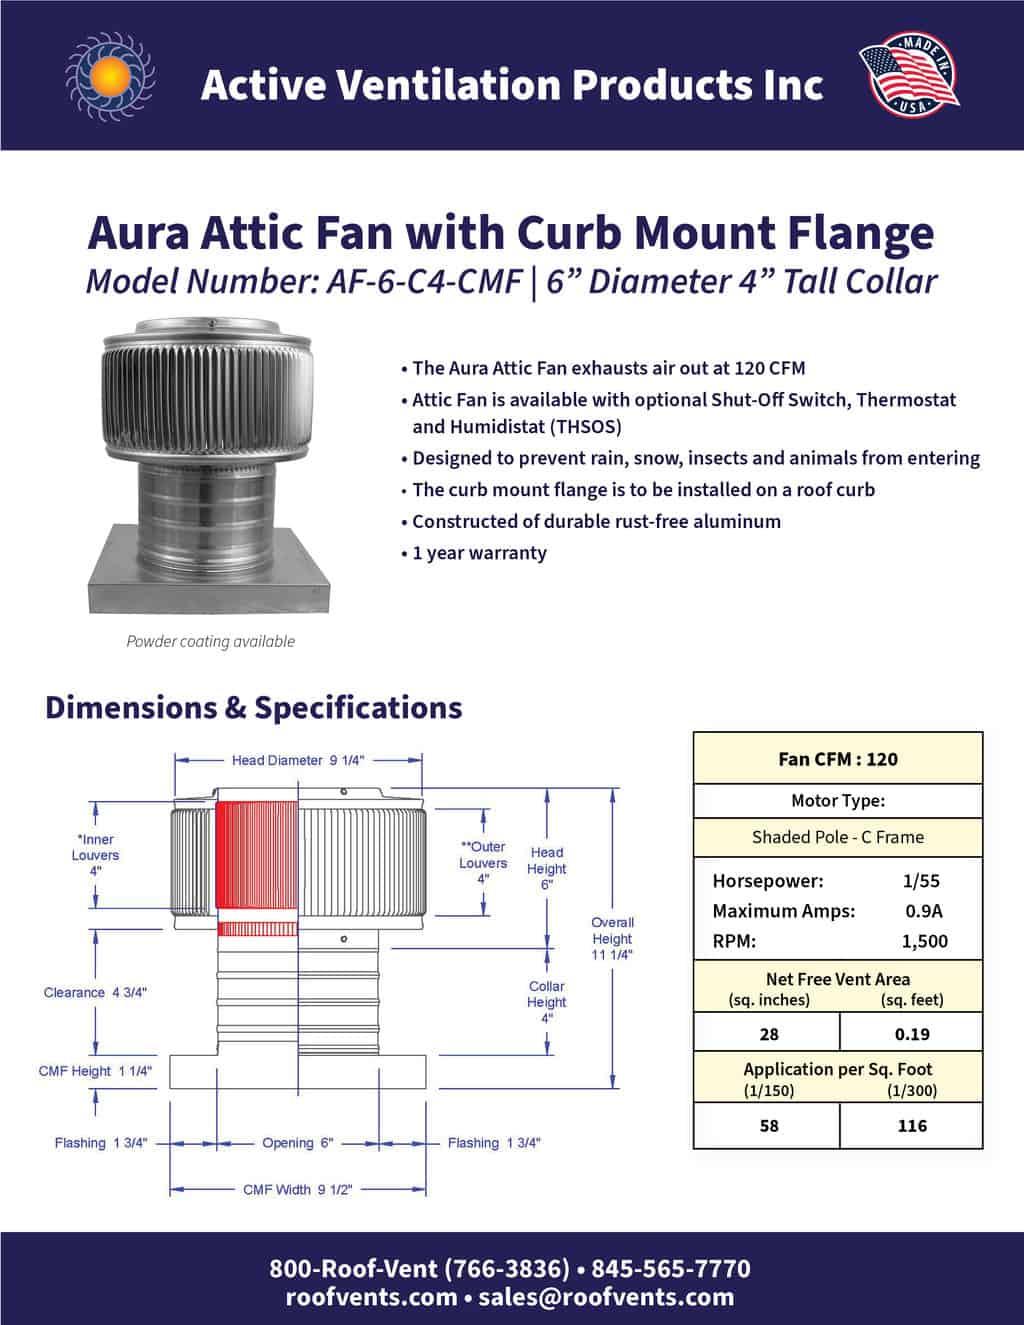 AF-6-C4-CMF-brochure An Exhaust Attic Fan